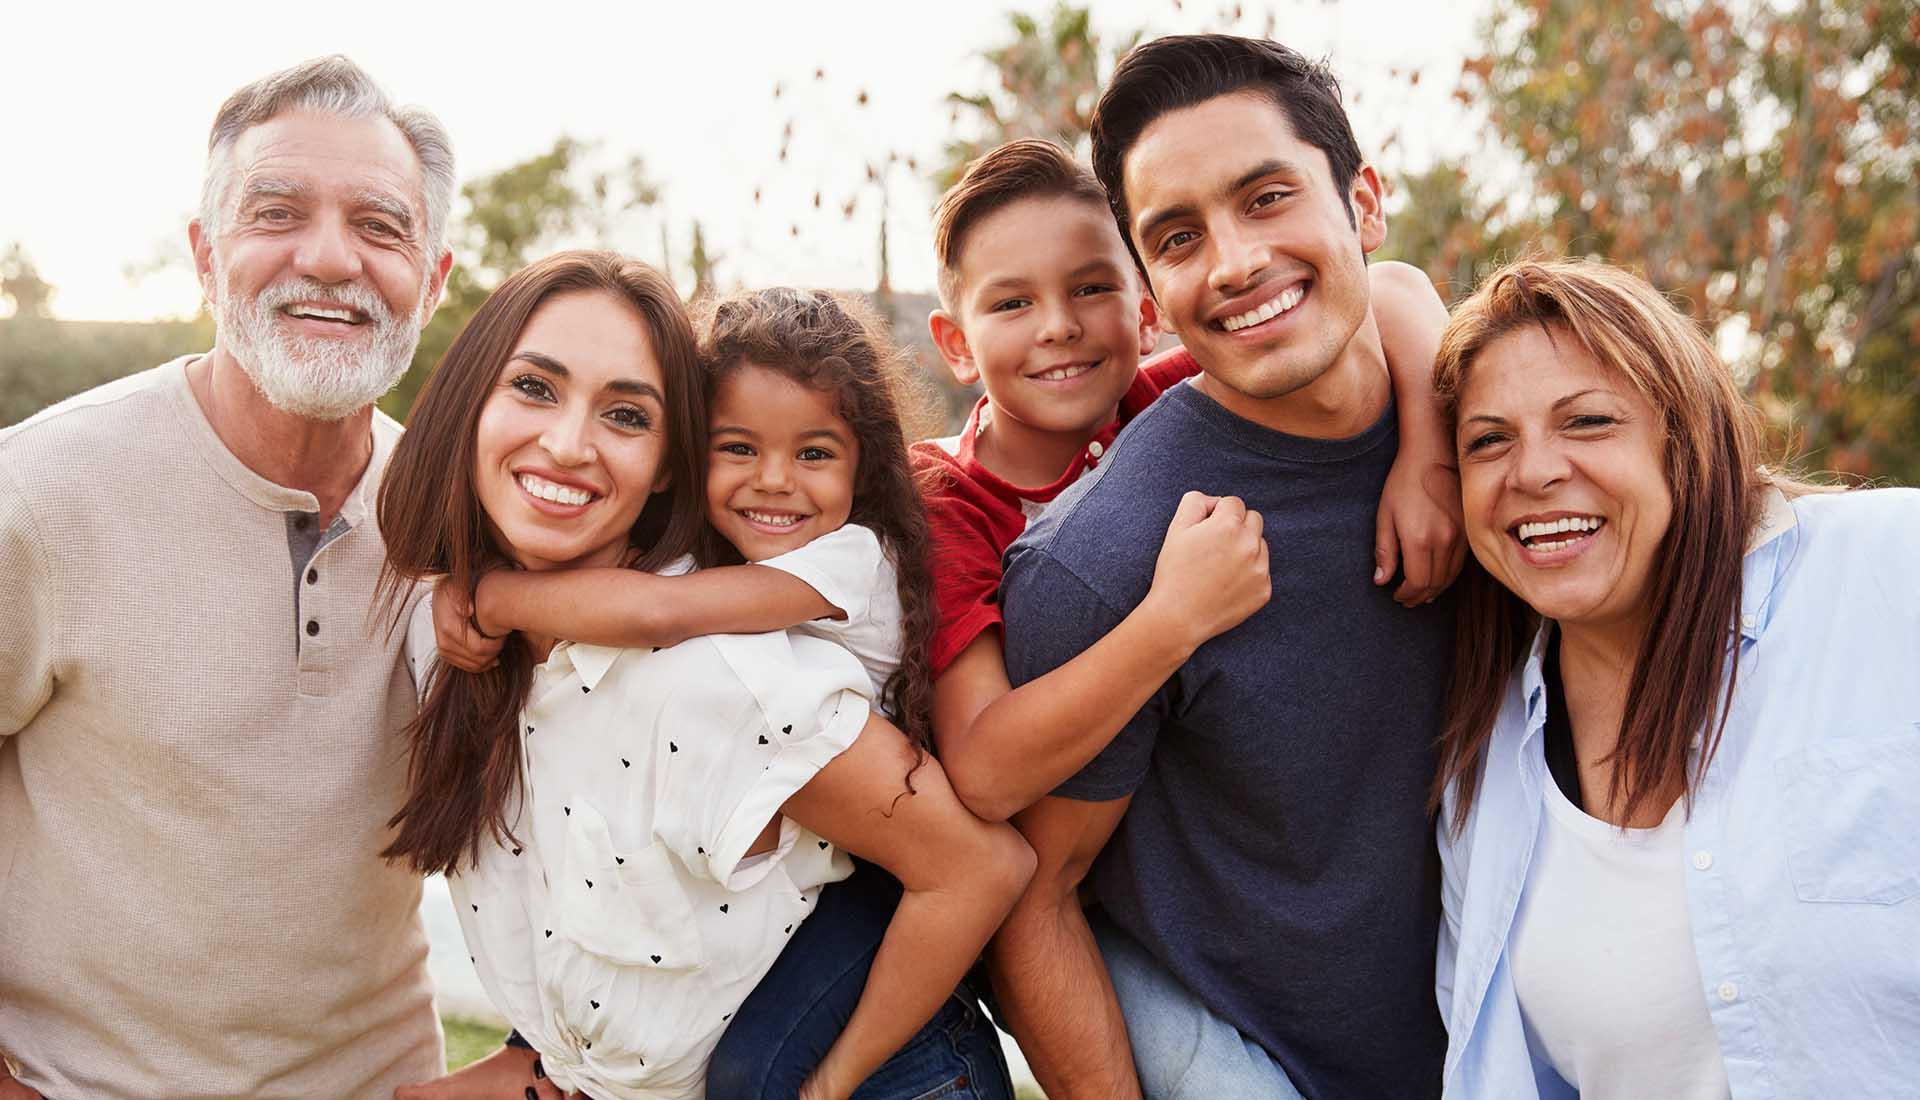 happy three generation Hispanic family in the park